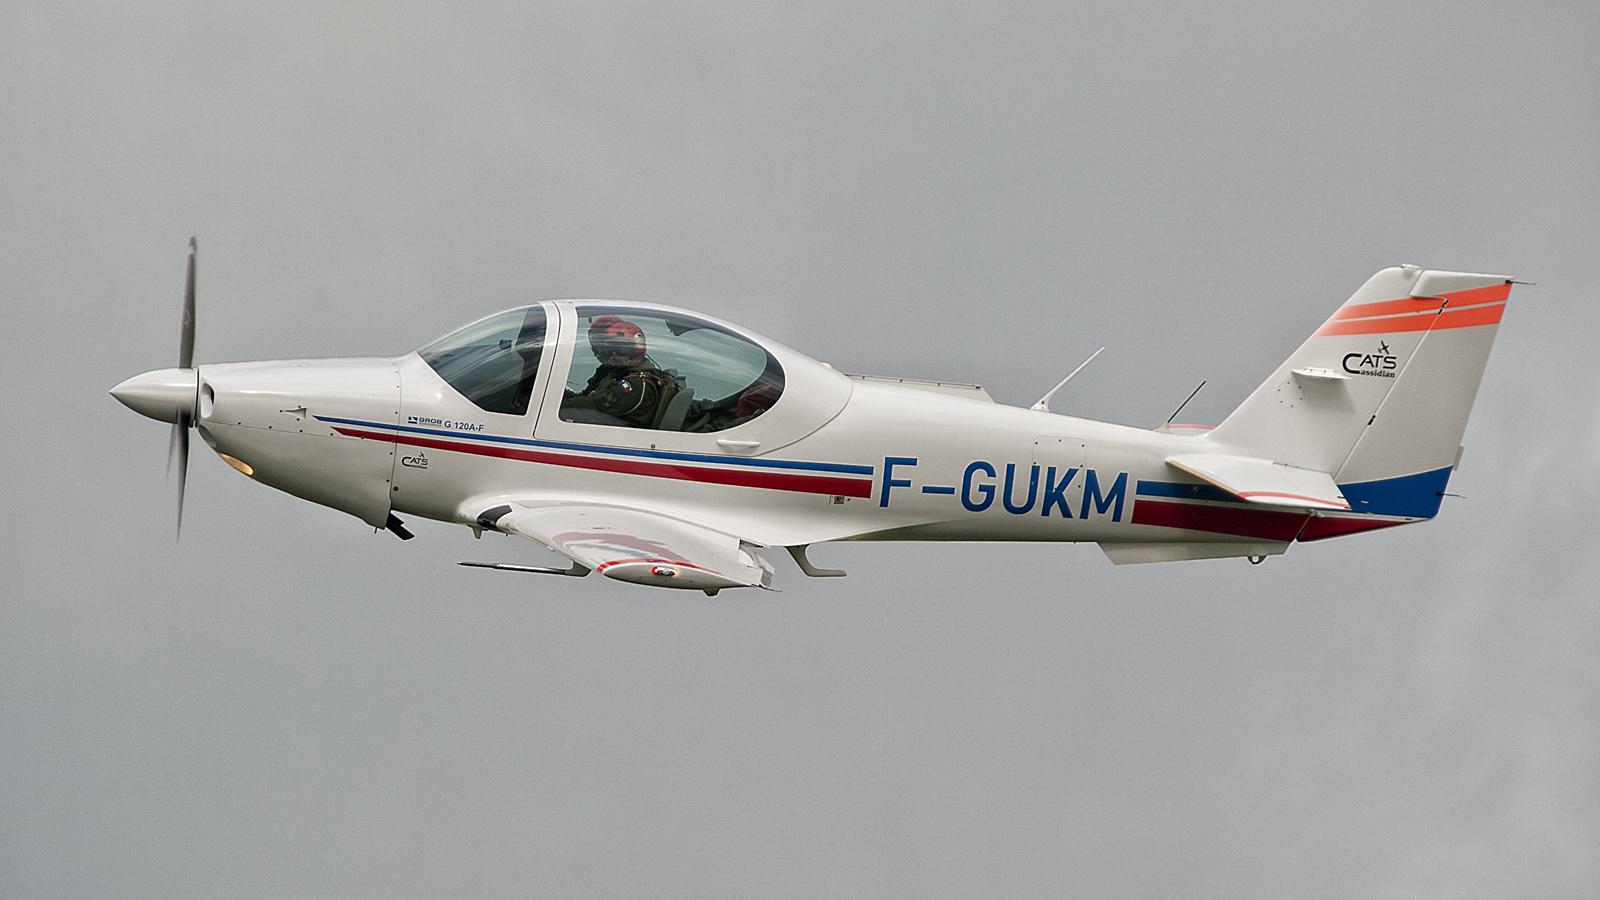 Grob G120A-F F-GUKM